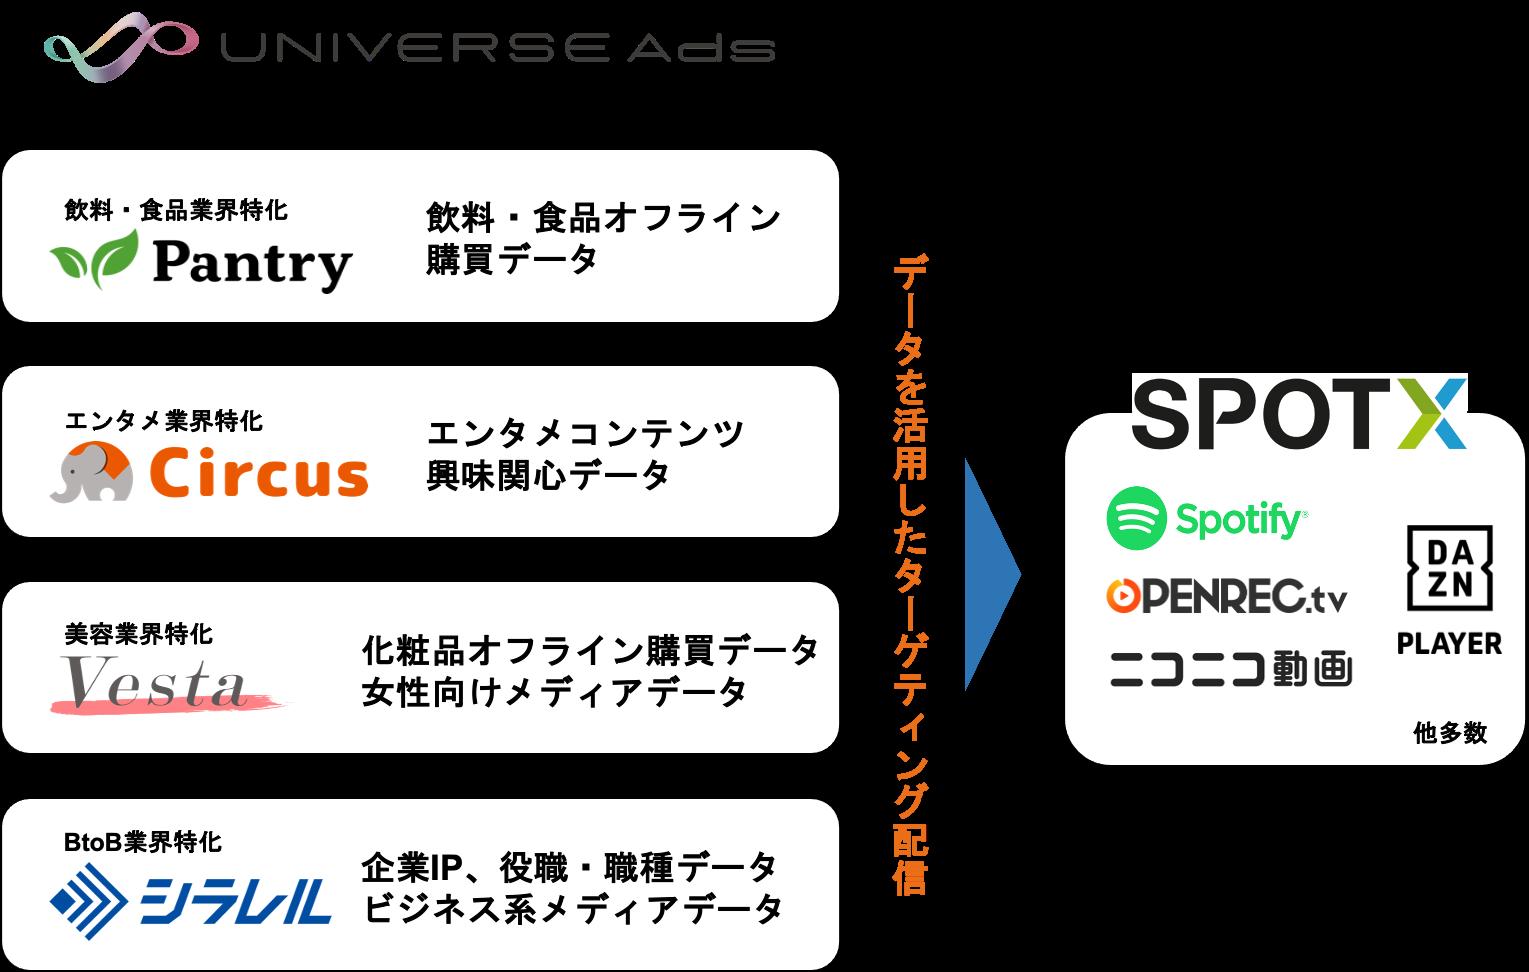 マイクロアドの広告プラットフォーム「UNIVERSE Ads」、動画配信プラットフォーム「SpotX」